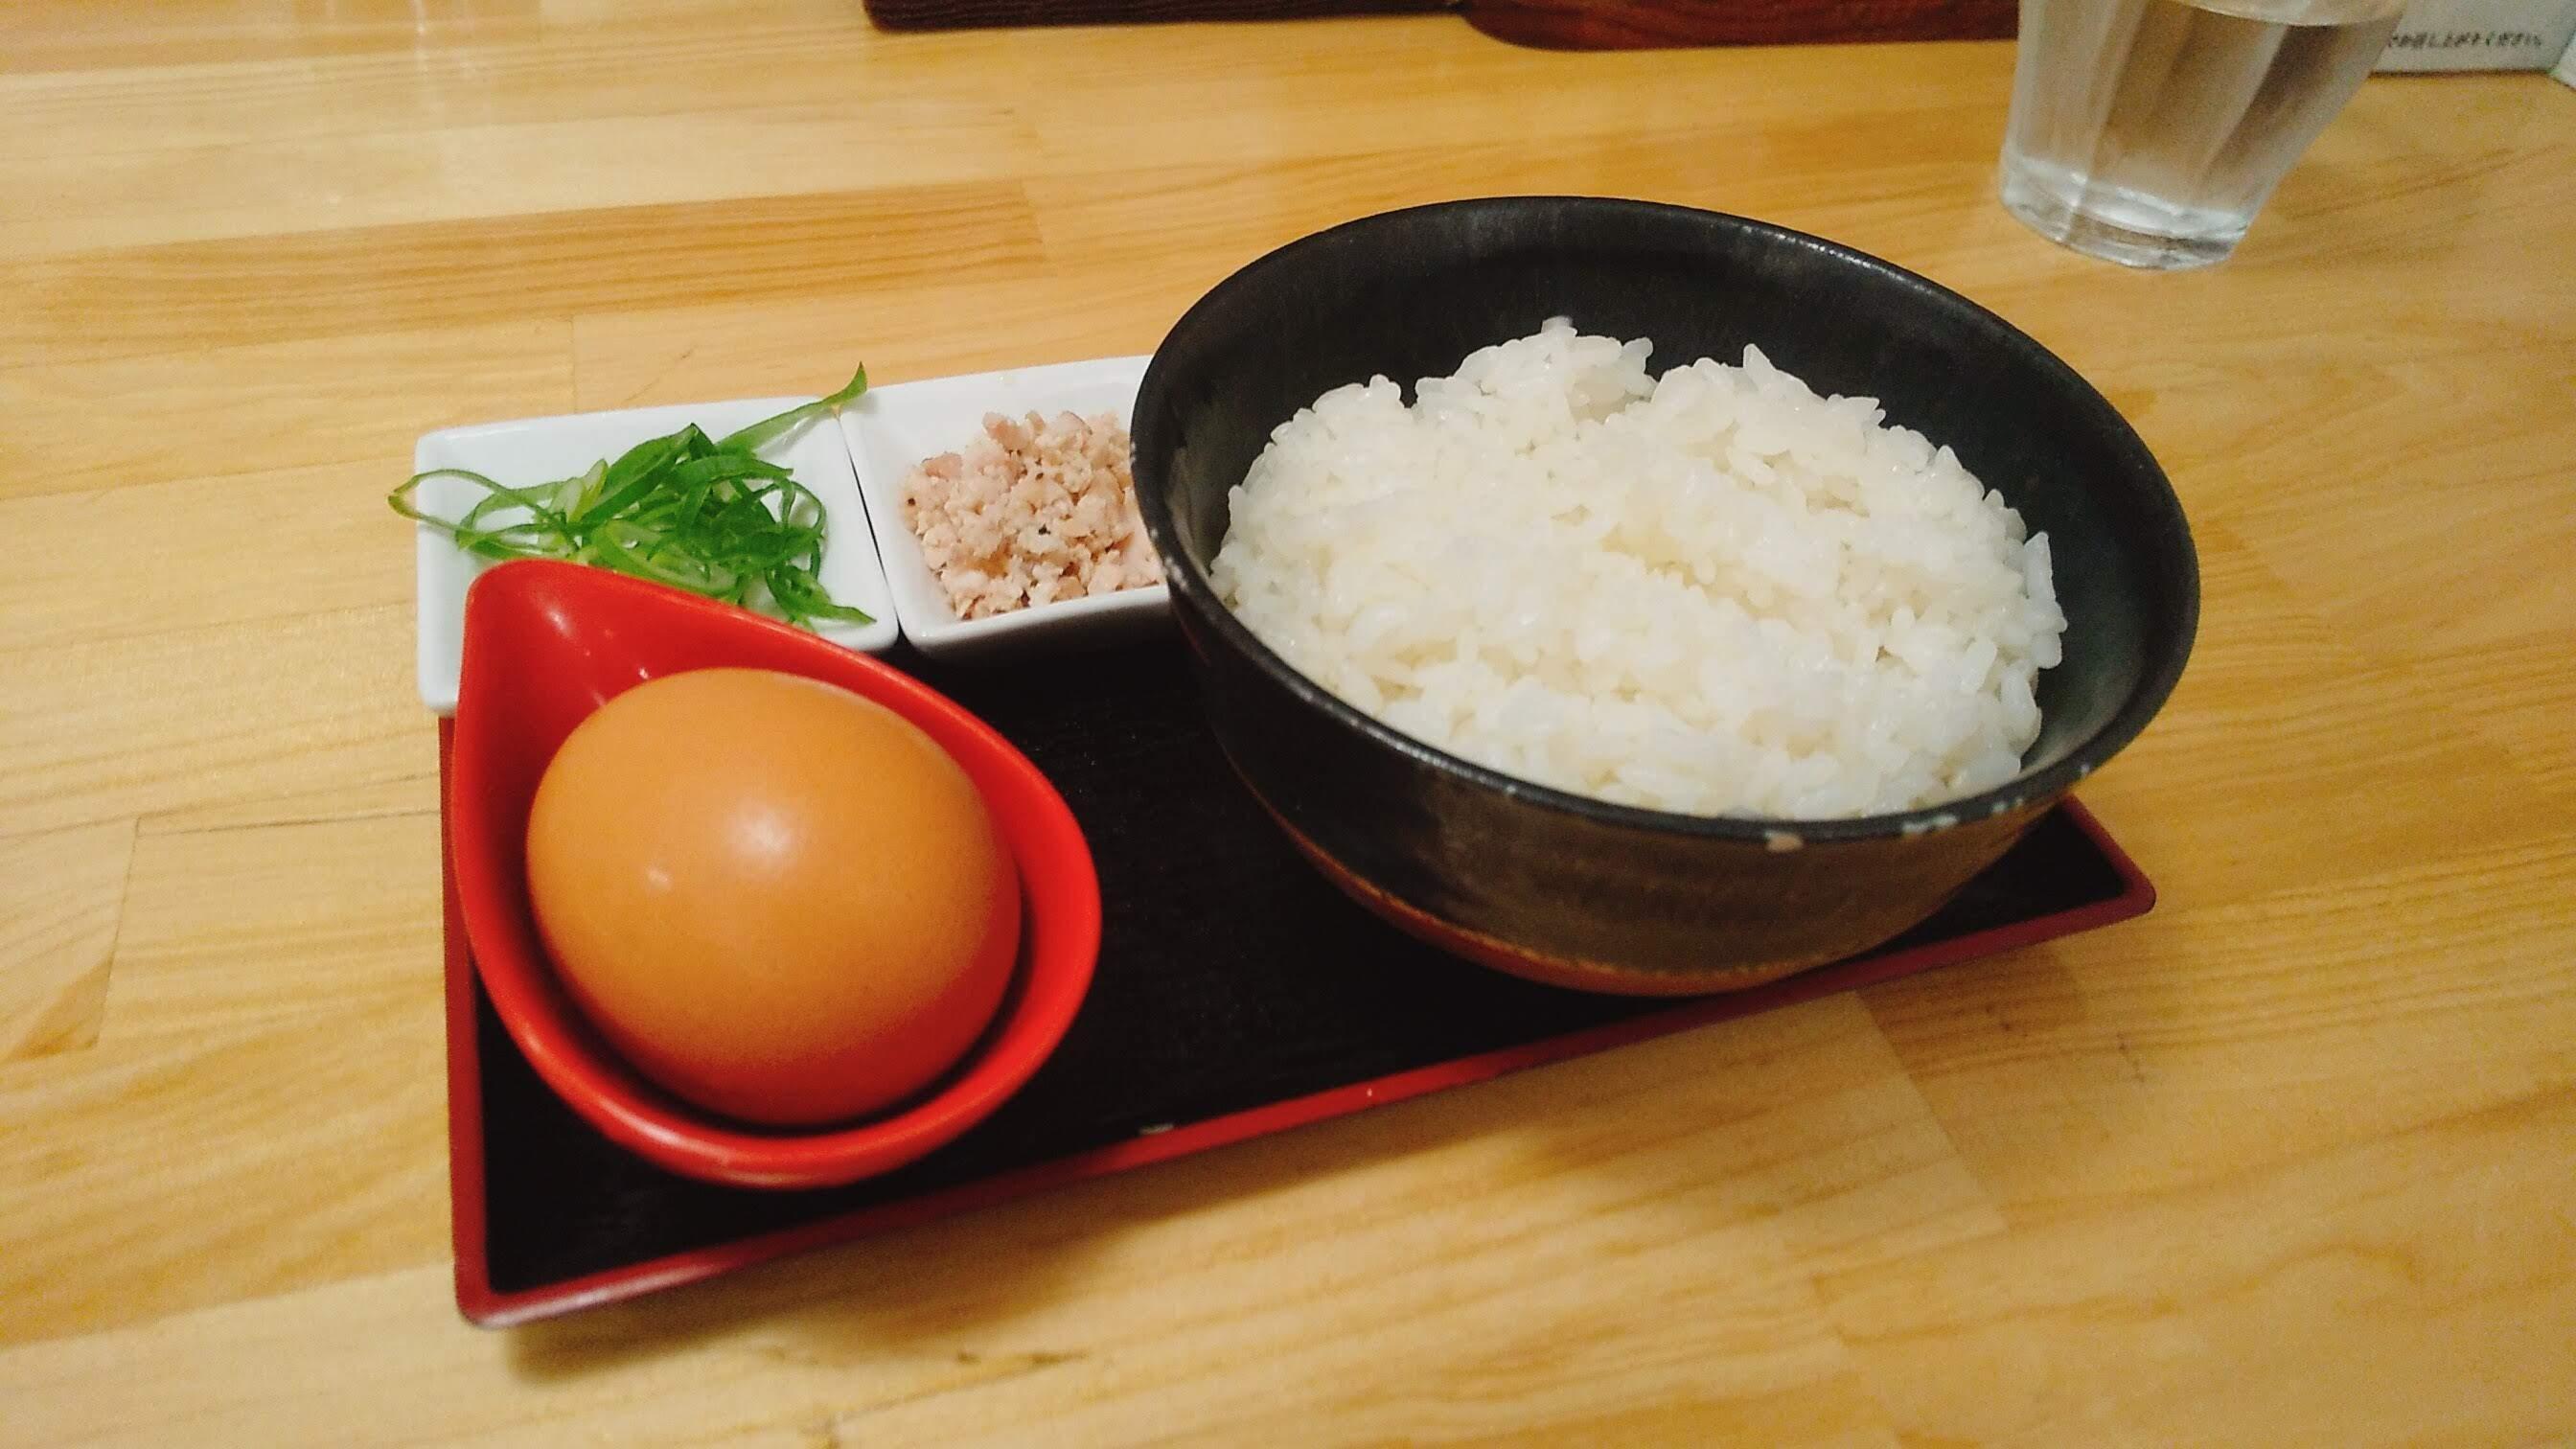 中華そば髙野の卵かけご飯の写真